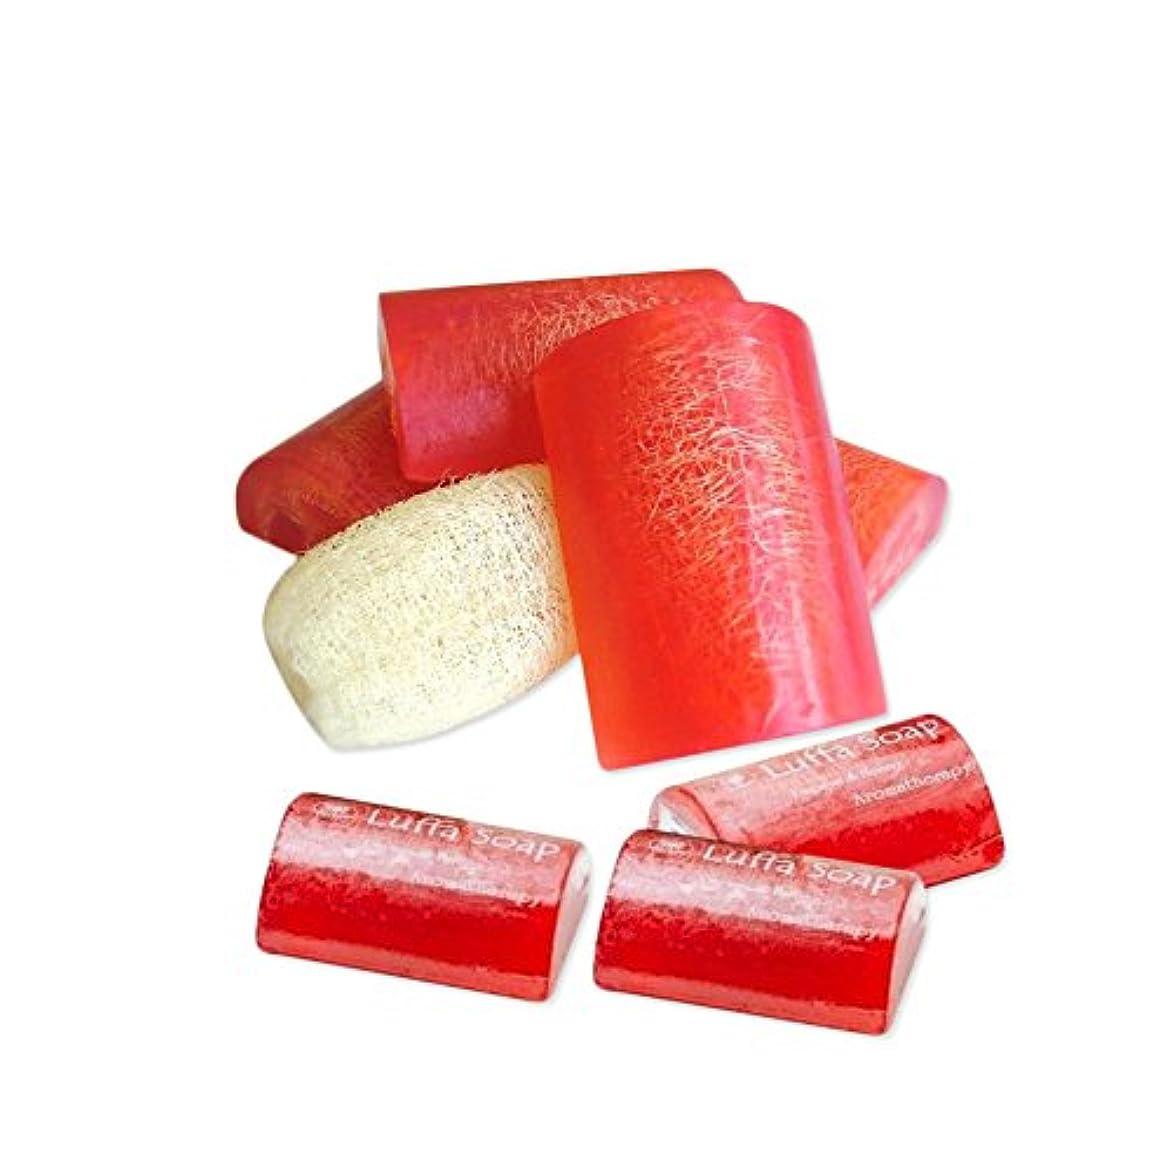 模索きらめく前奏曲Soap Net Nature Handmade AromaPapaya Honey Scrub Herbal Natural Relaxing After Work & Sport A luffa middle the soap Made from herbs